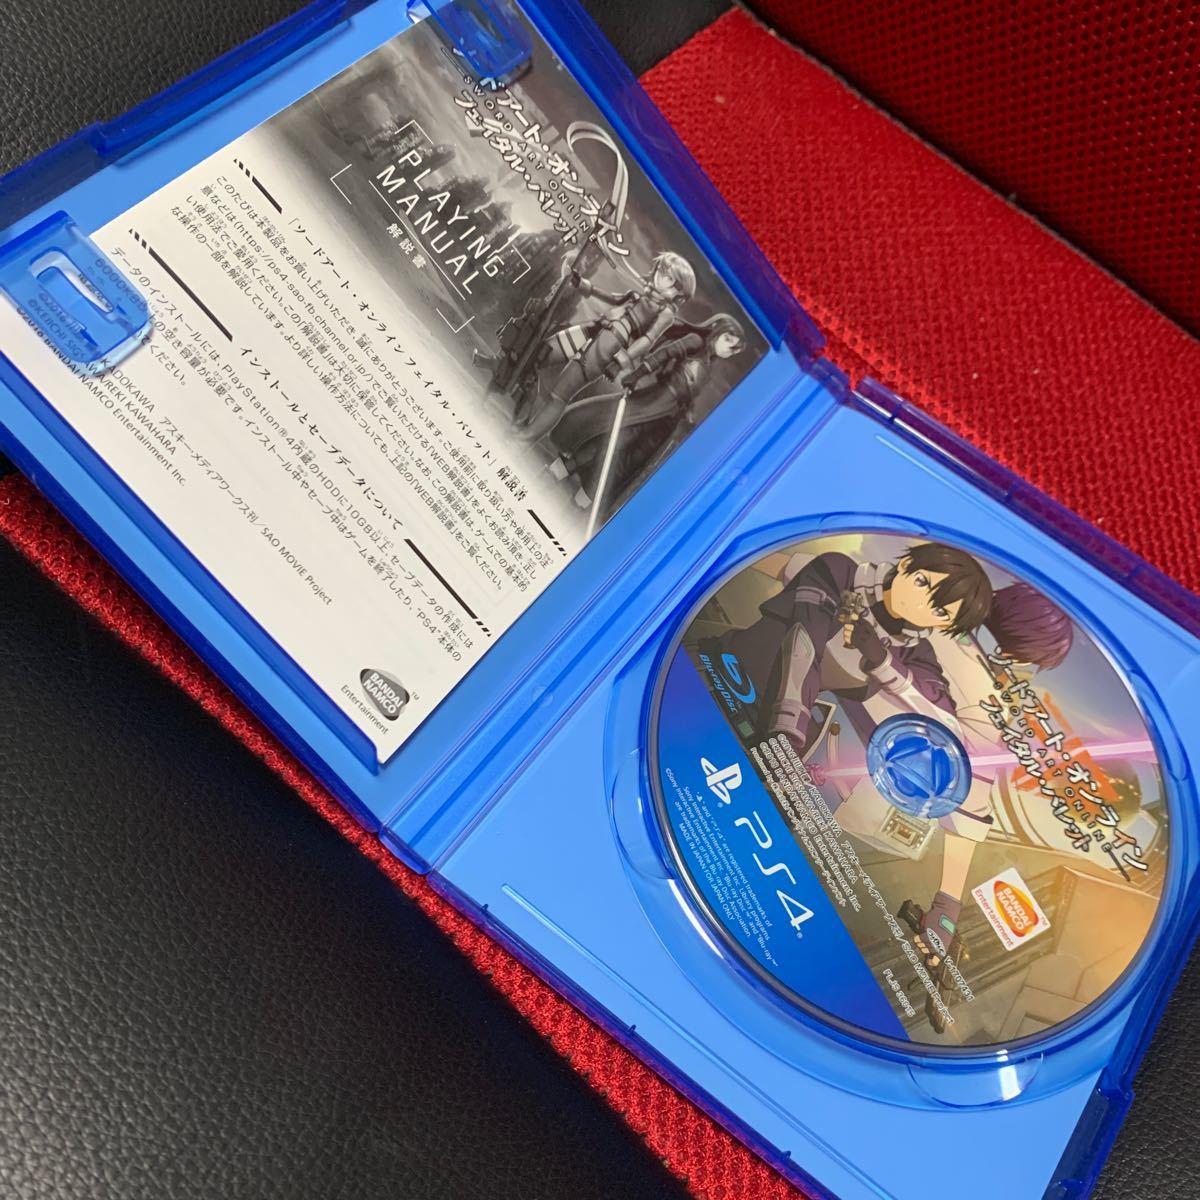 美品! ソードアート・オンラインフェイタル・バレット PS4 ソードアートオンラインフェイタルバレット